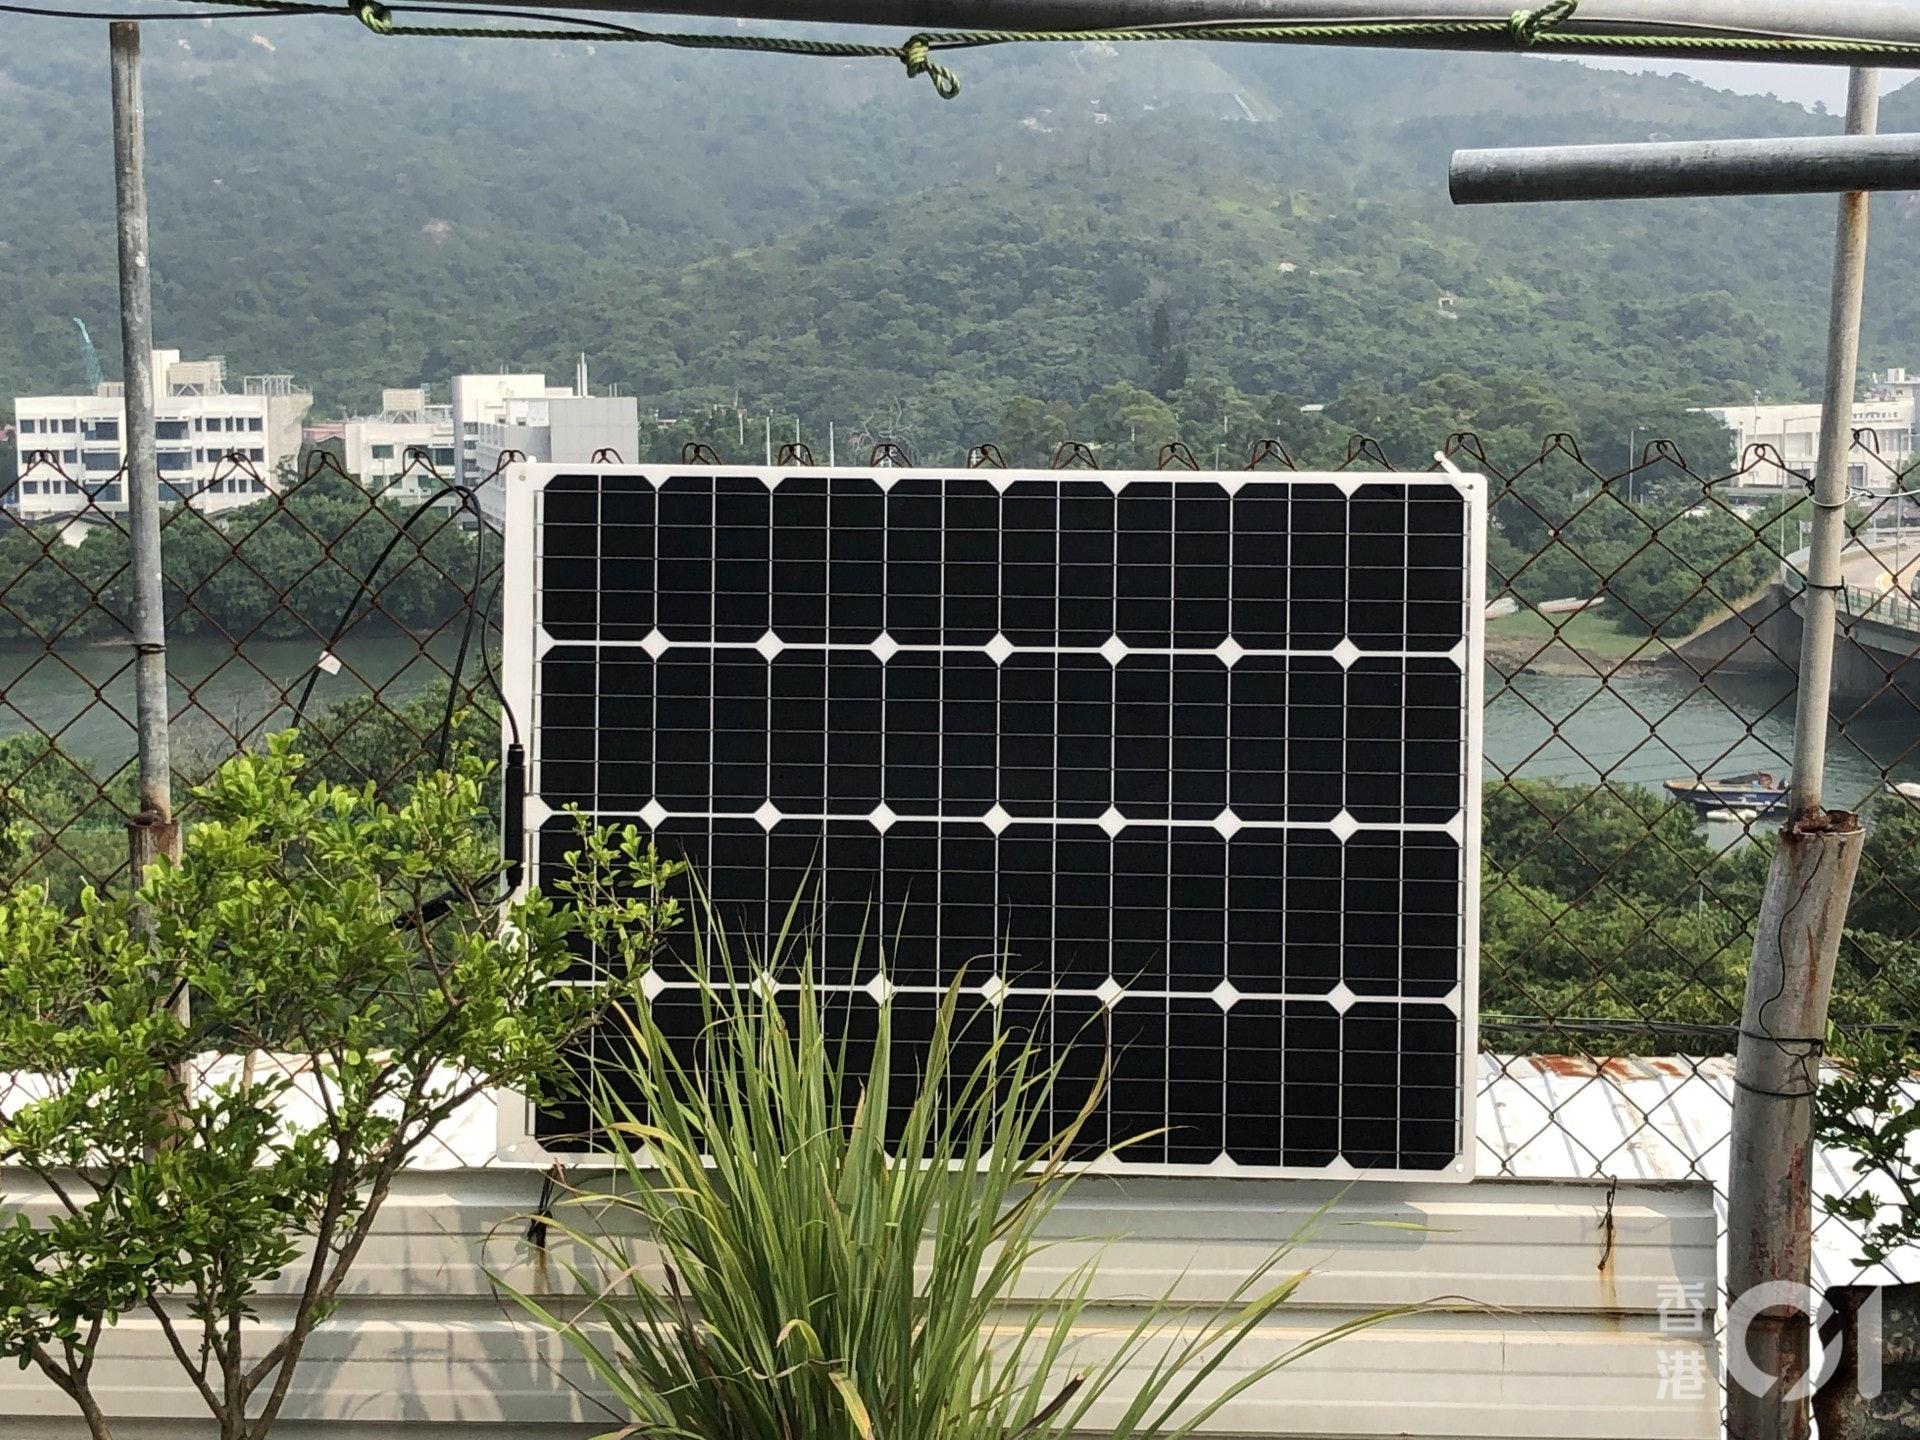 計劃使用最新太陽能板,輕薄、可彎曲、零重金屬。 (李樂天攝)